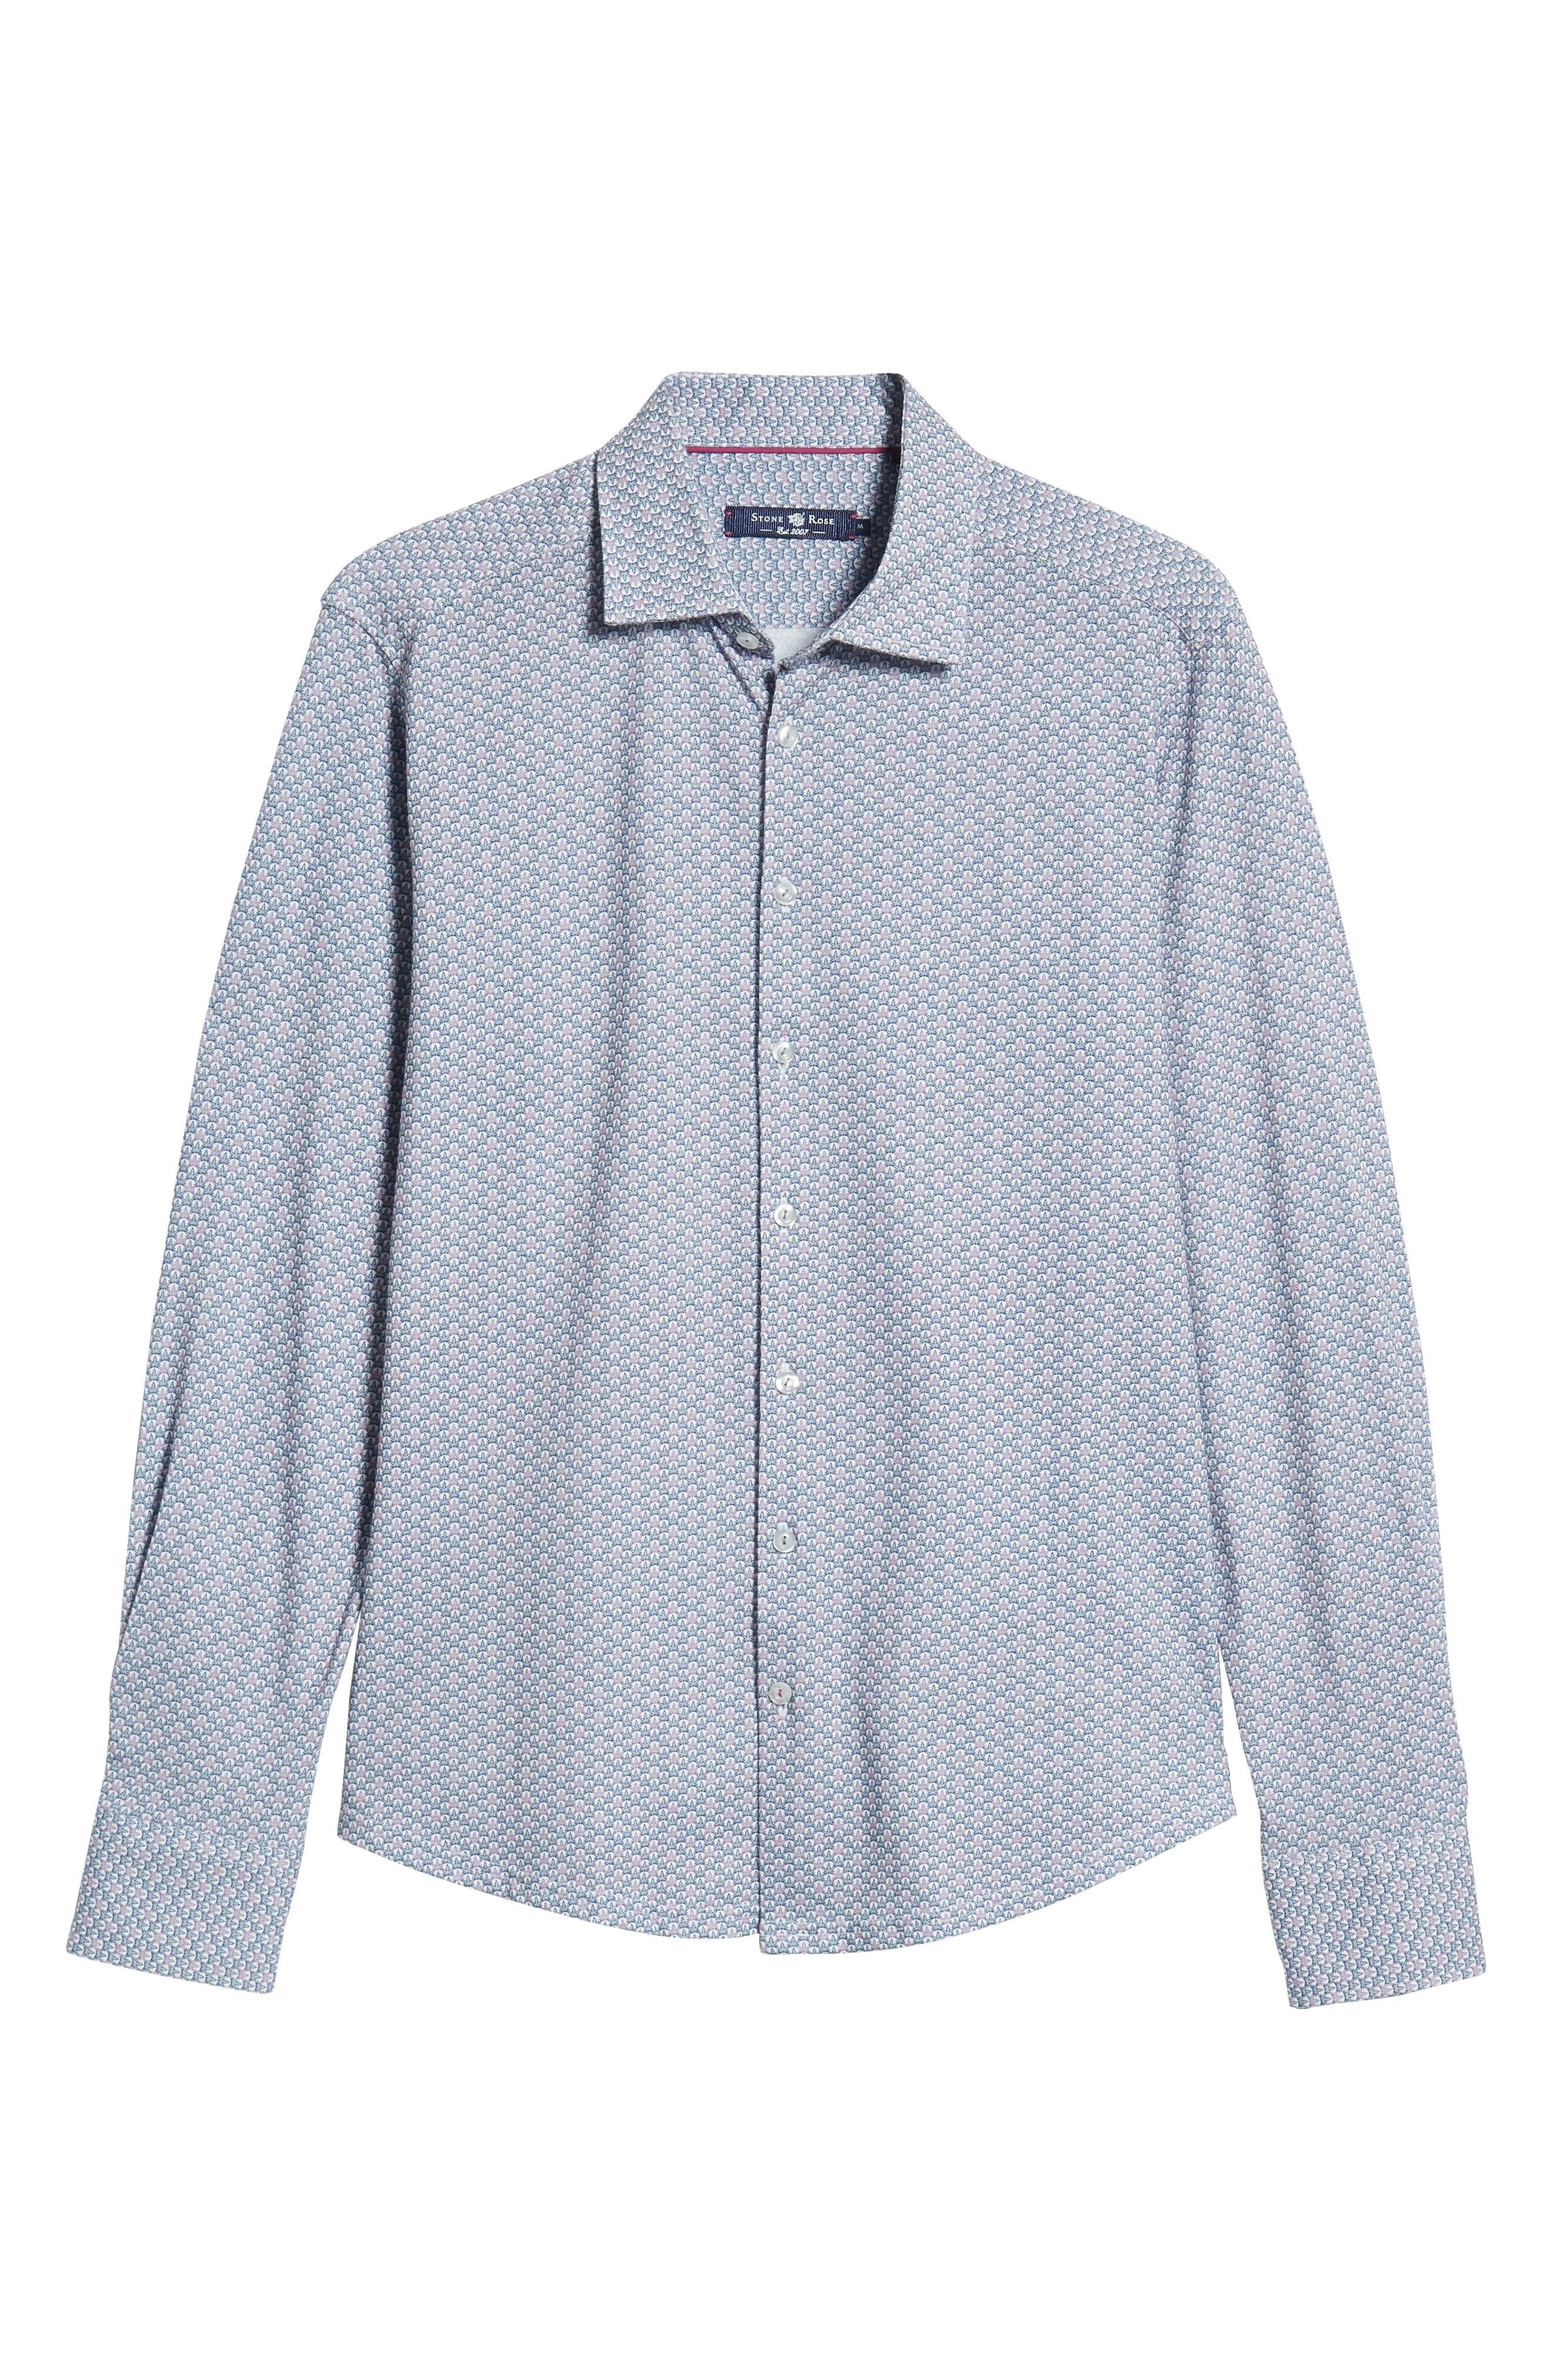 Trim Fit Knit Sport Shirt,                             Alternate thumbnail 5, color,                             100